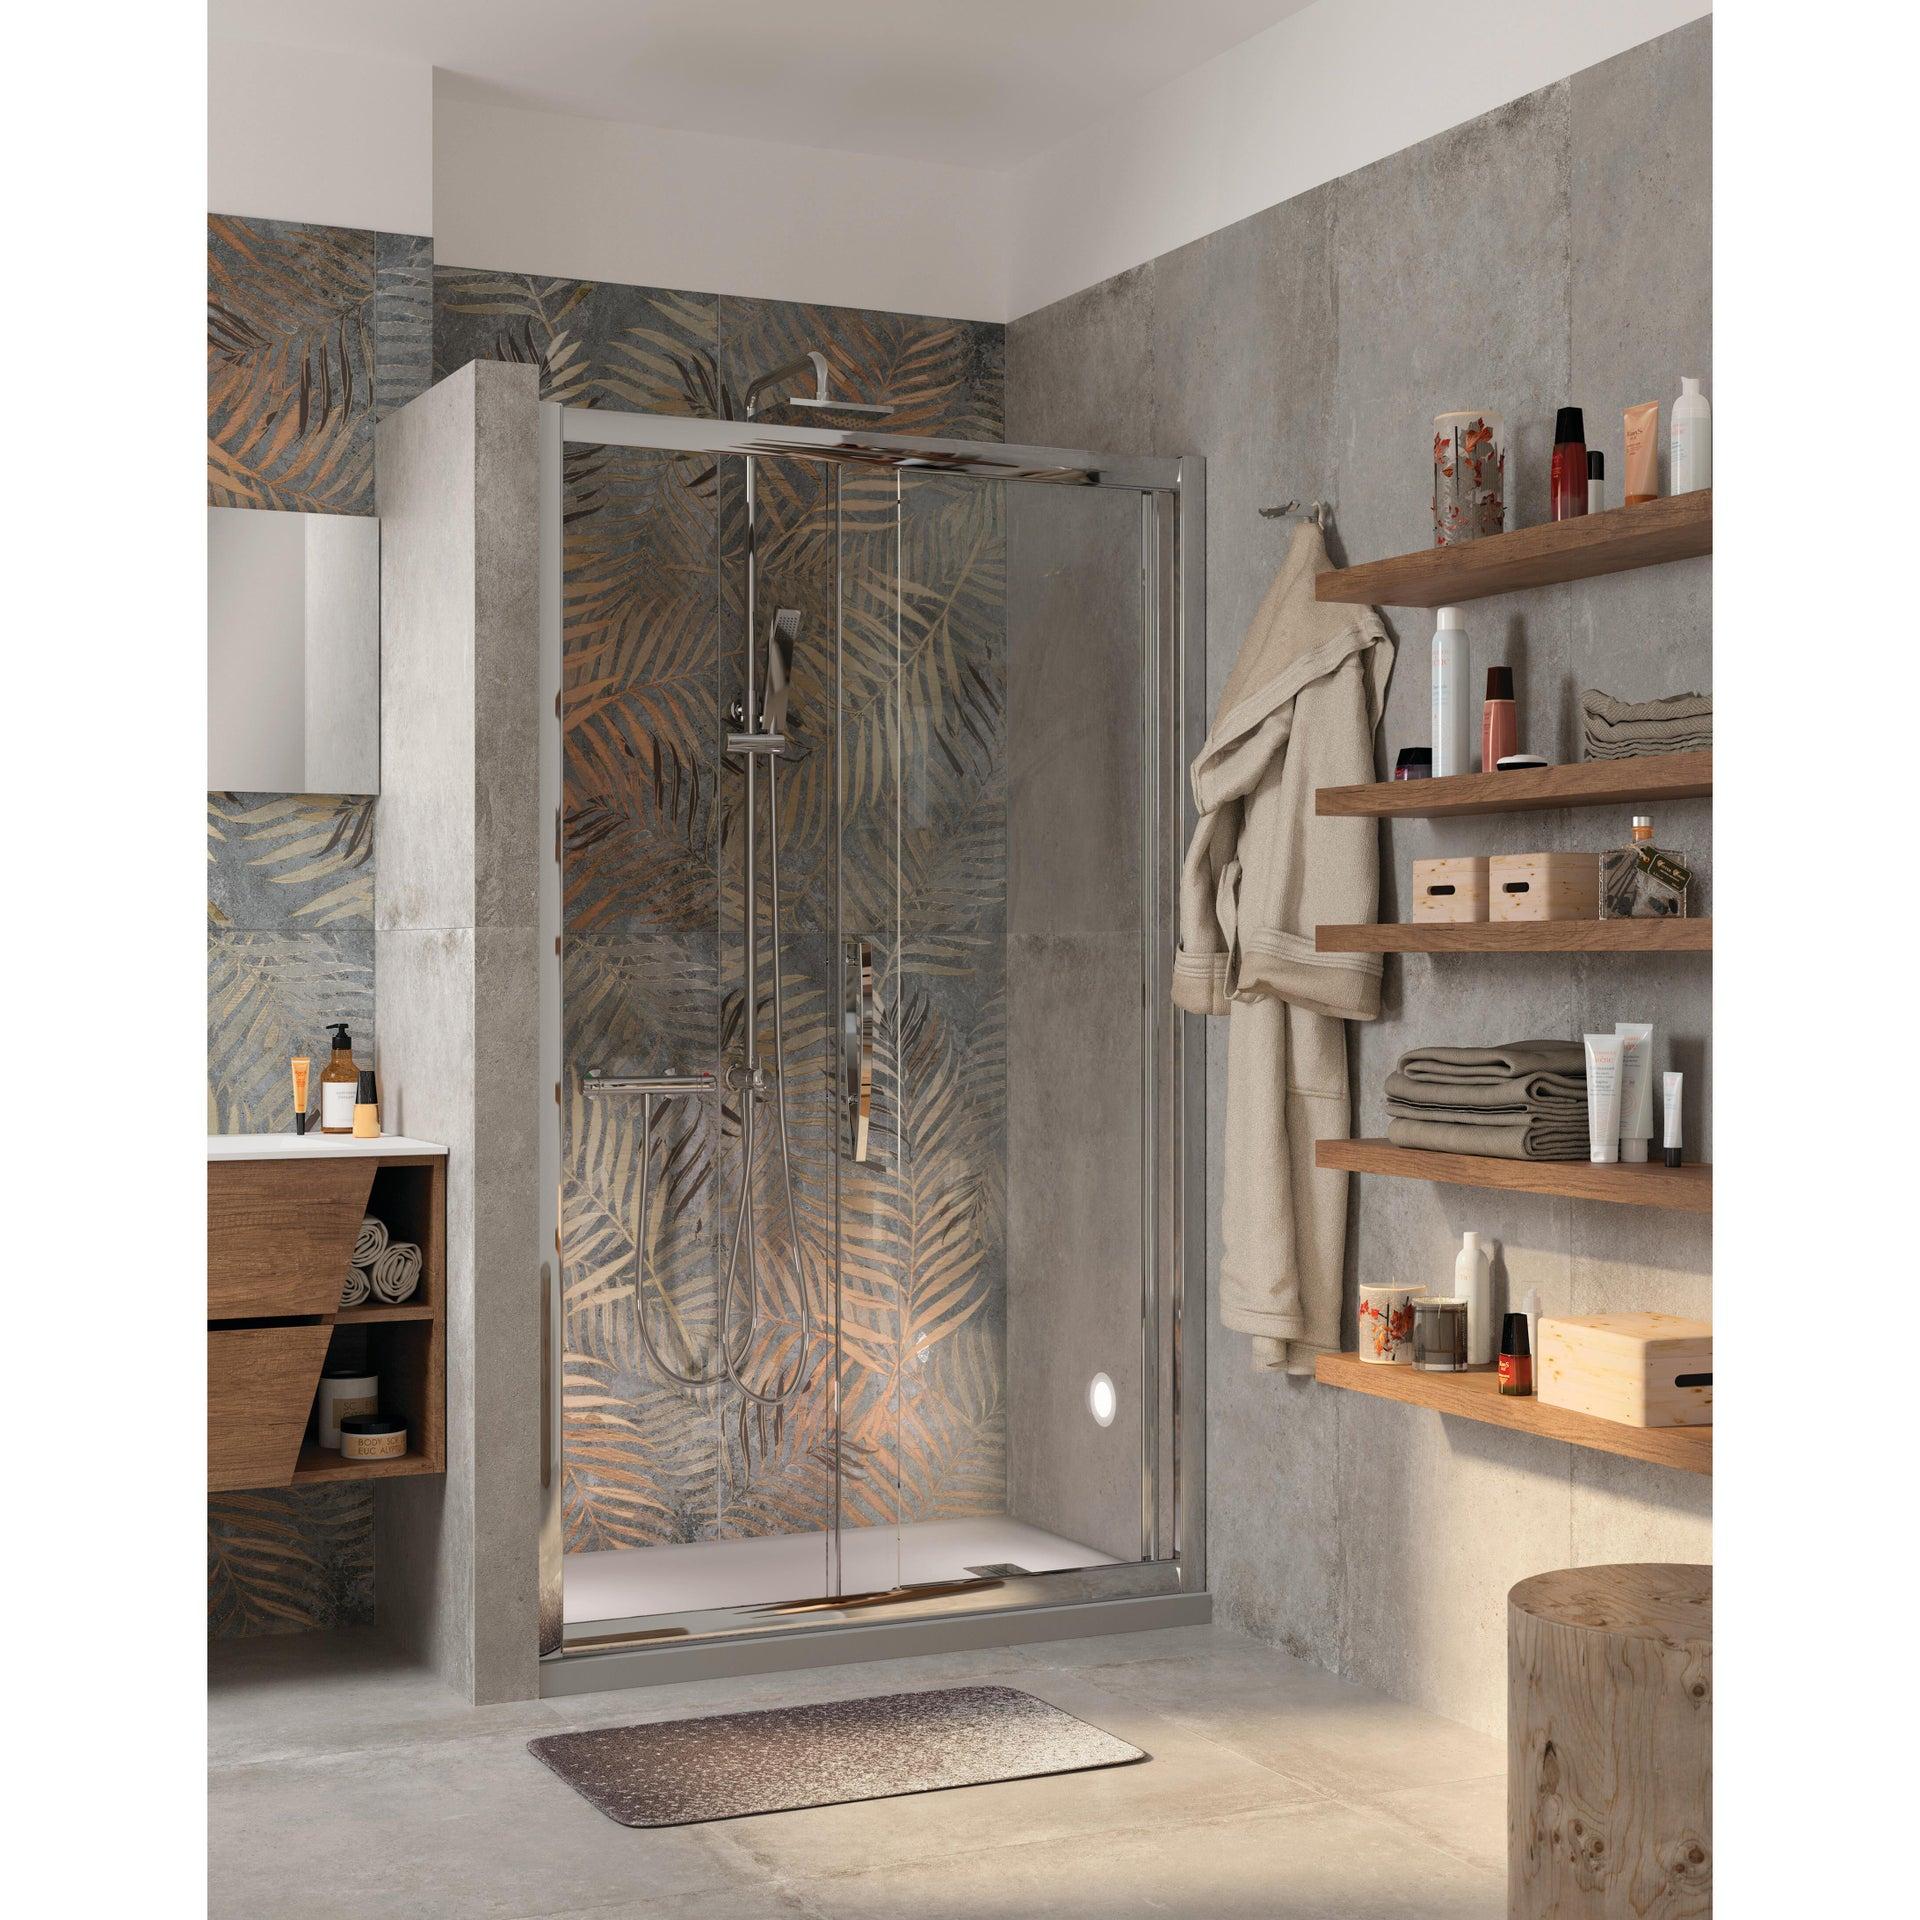 Piatto doccia ultrasottile resina sintetica e polvere di marmo Remix 80 x 140 cm grigio - 2